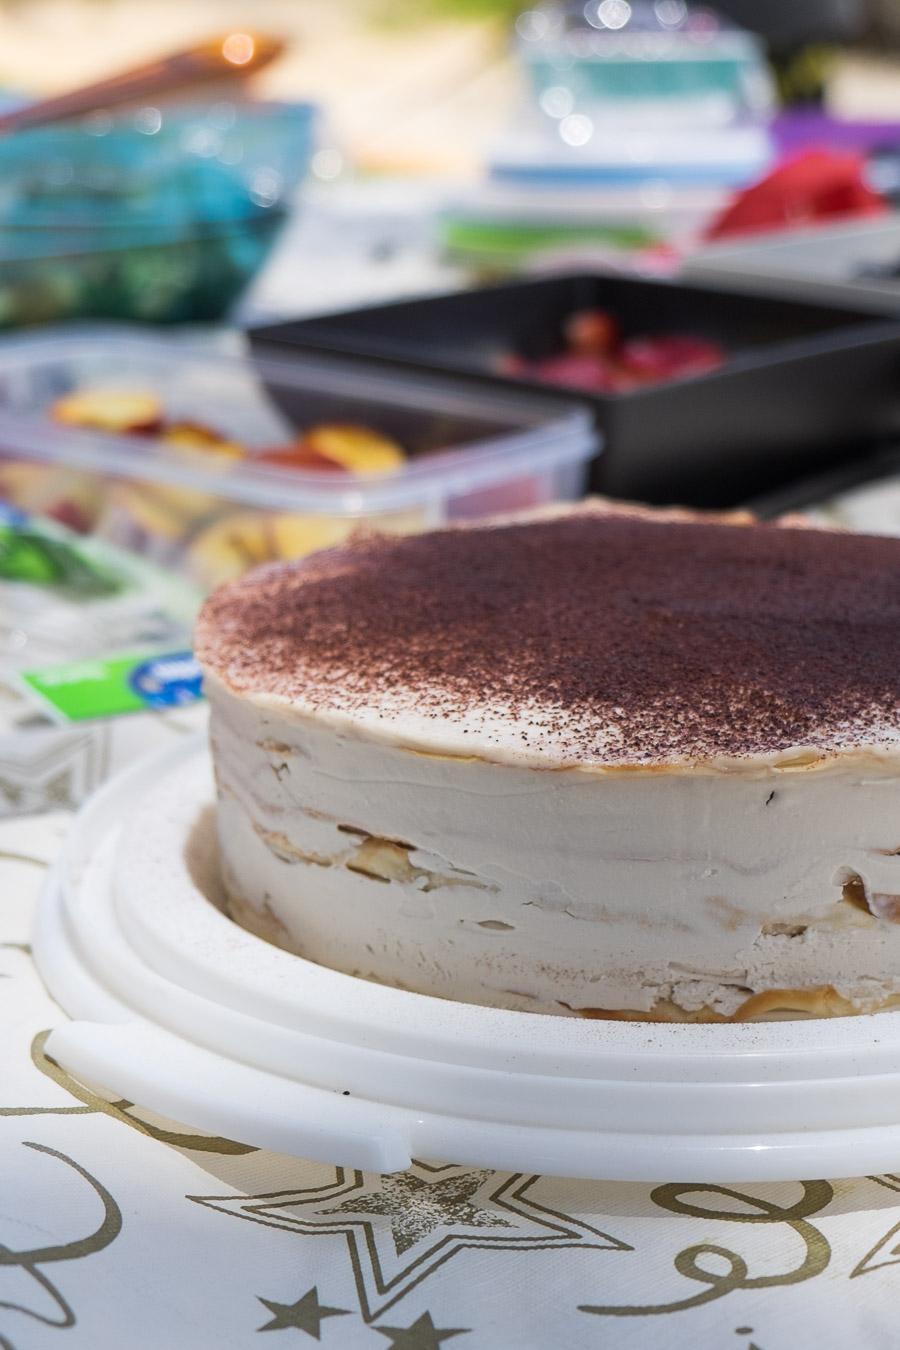 The tiramisu crepe cake